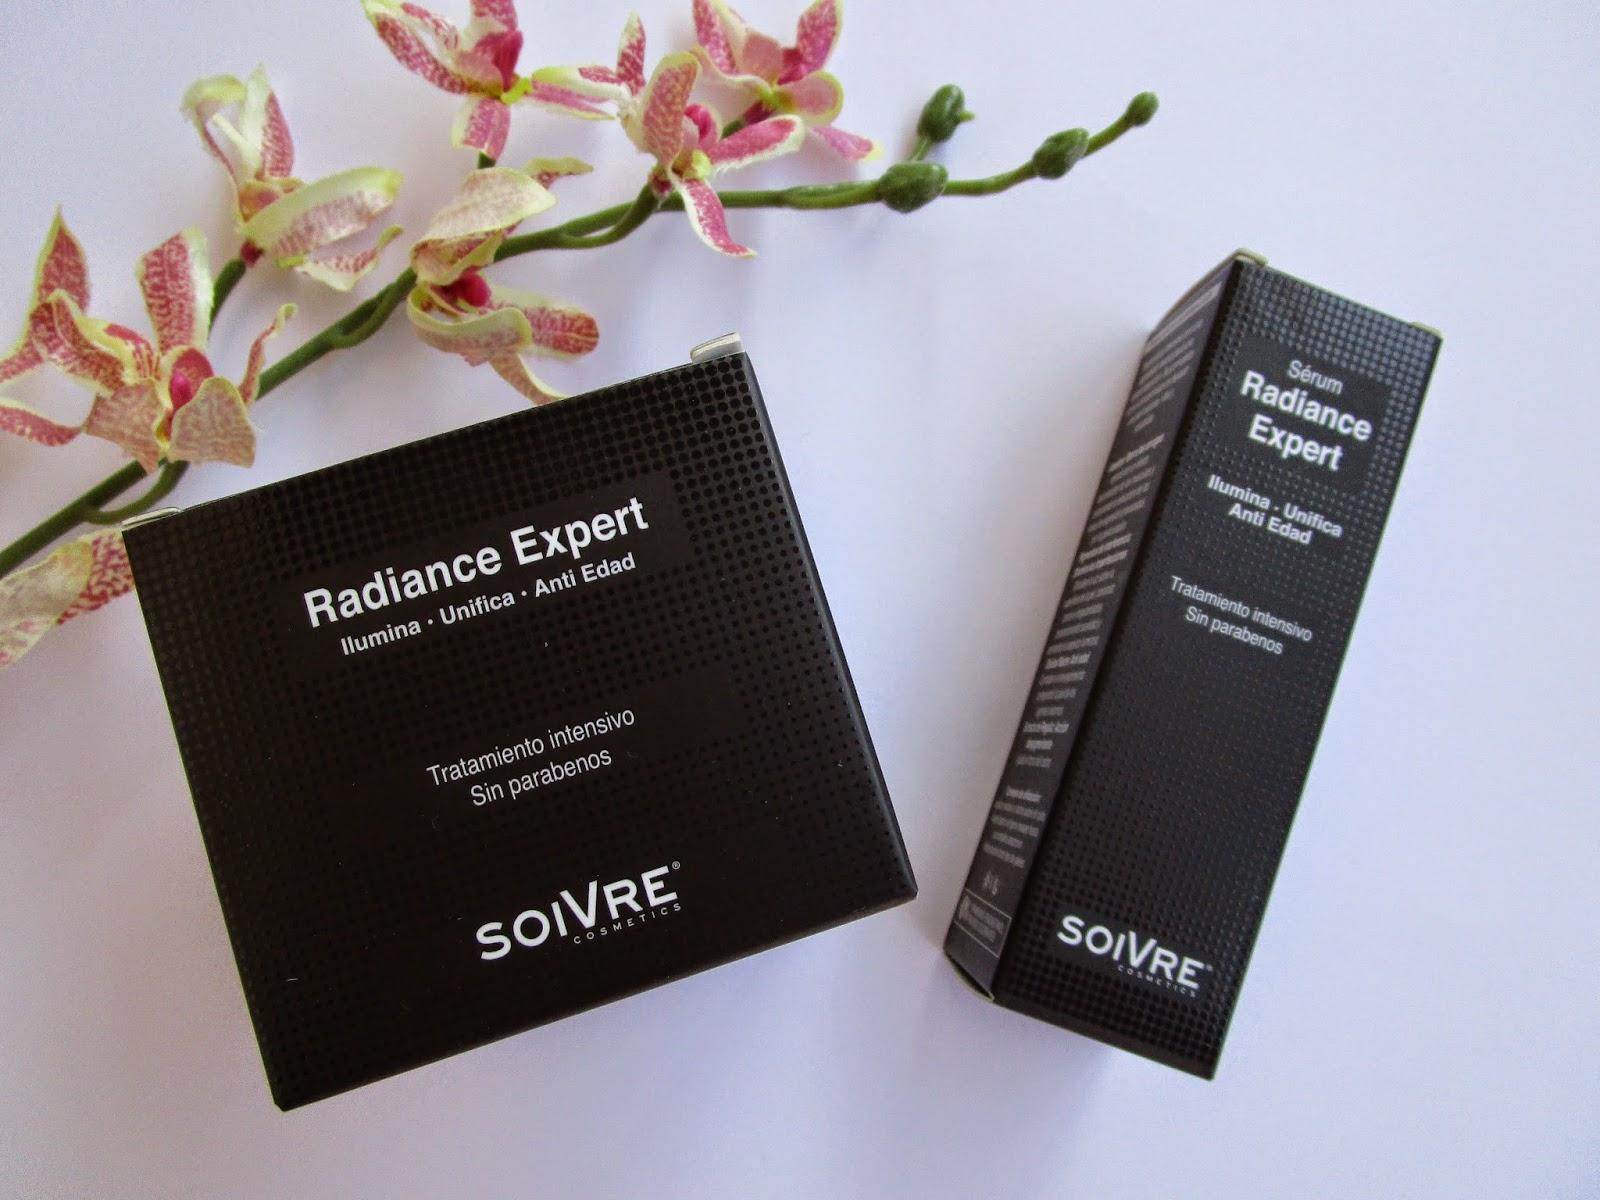 Soivre Cosmetics